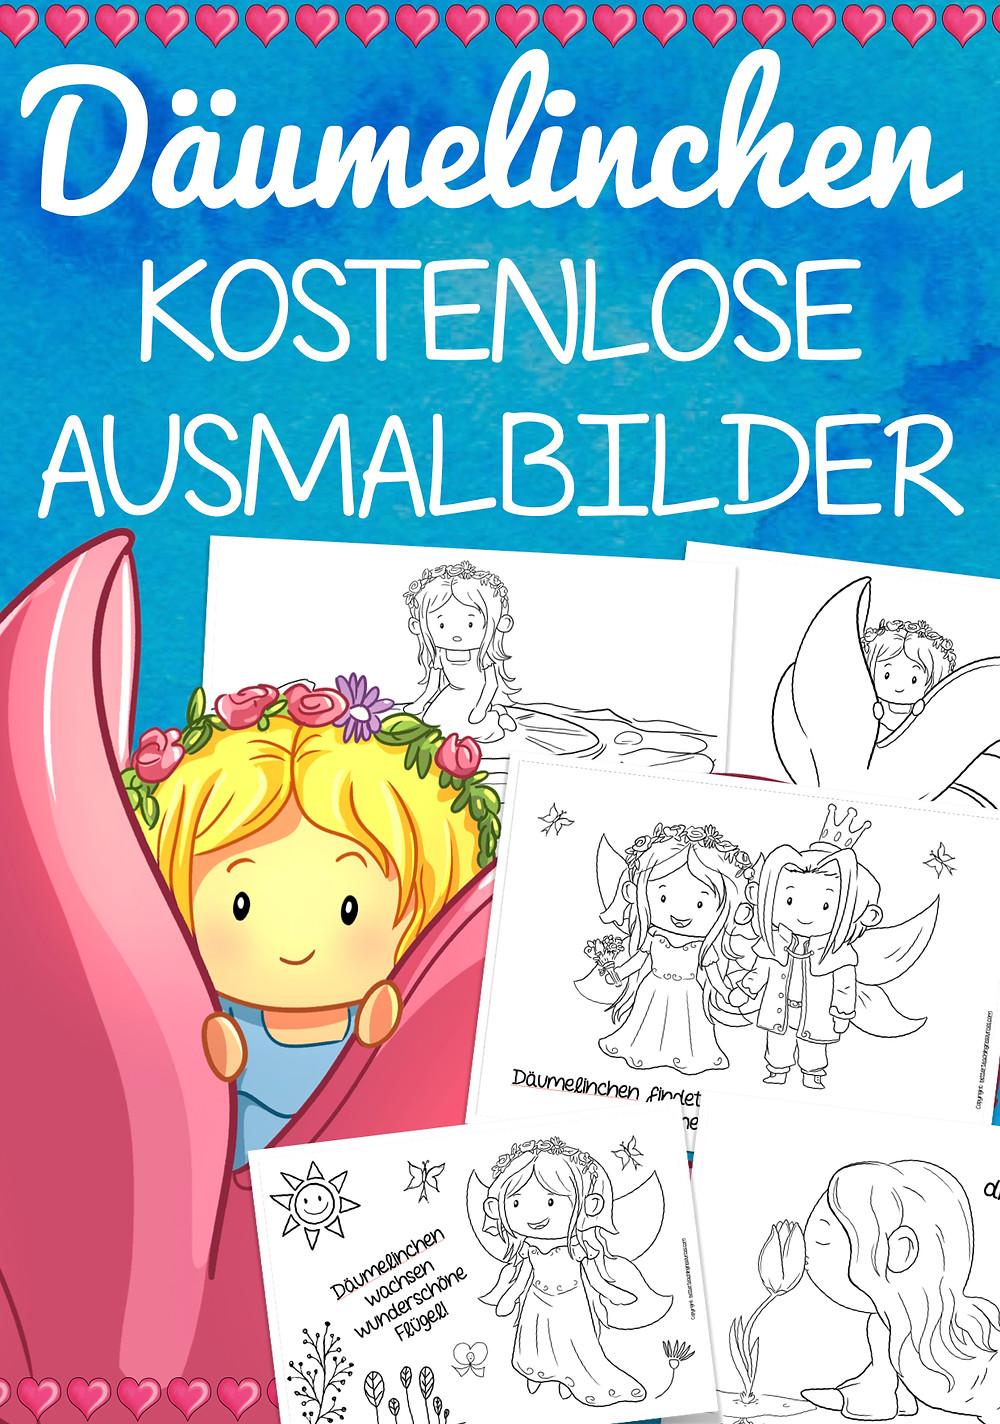 Däumelinchen - Märchen Malvorlagen für die Grundschule und Kita kostenlos